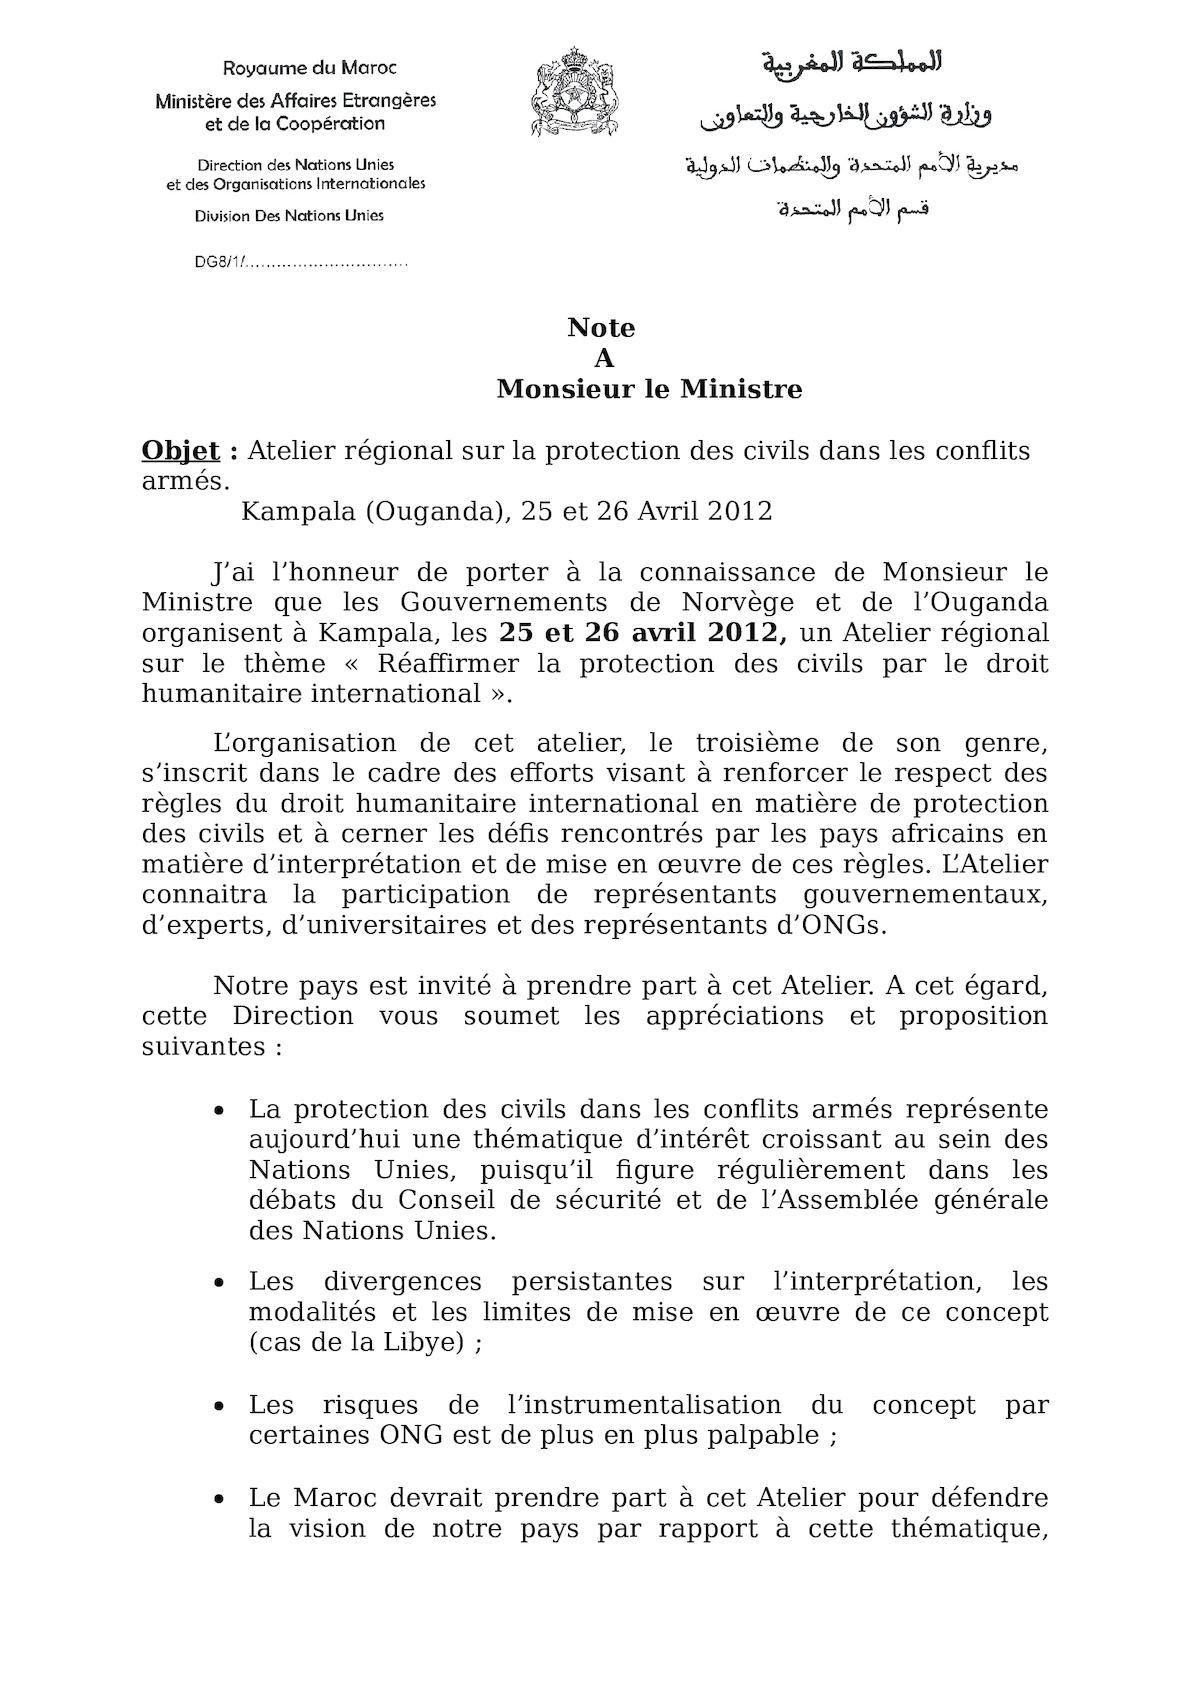 Atelier Régional Sur La Protection Des Civils, 25 04 2012